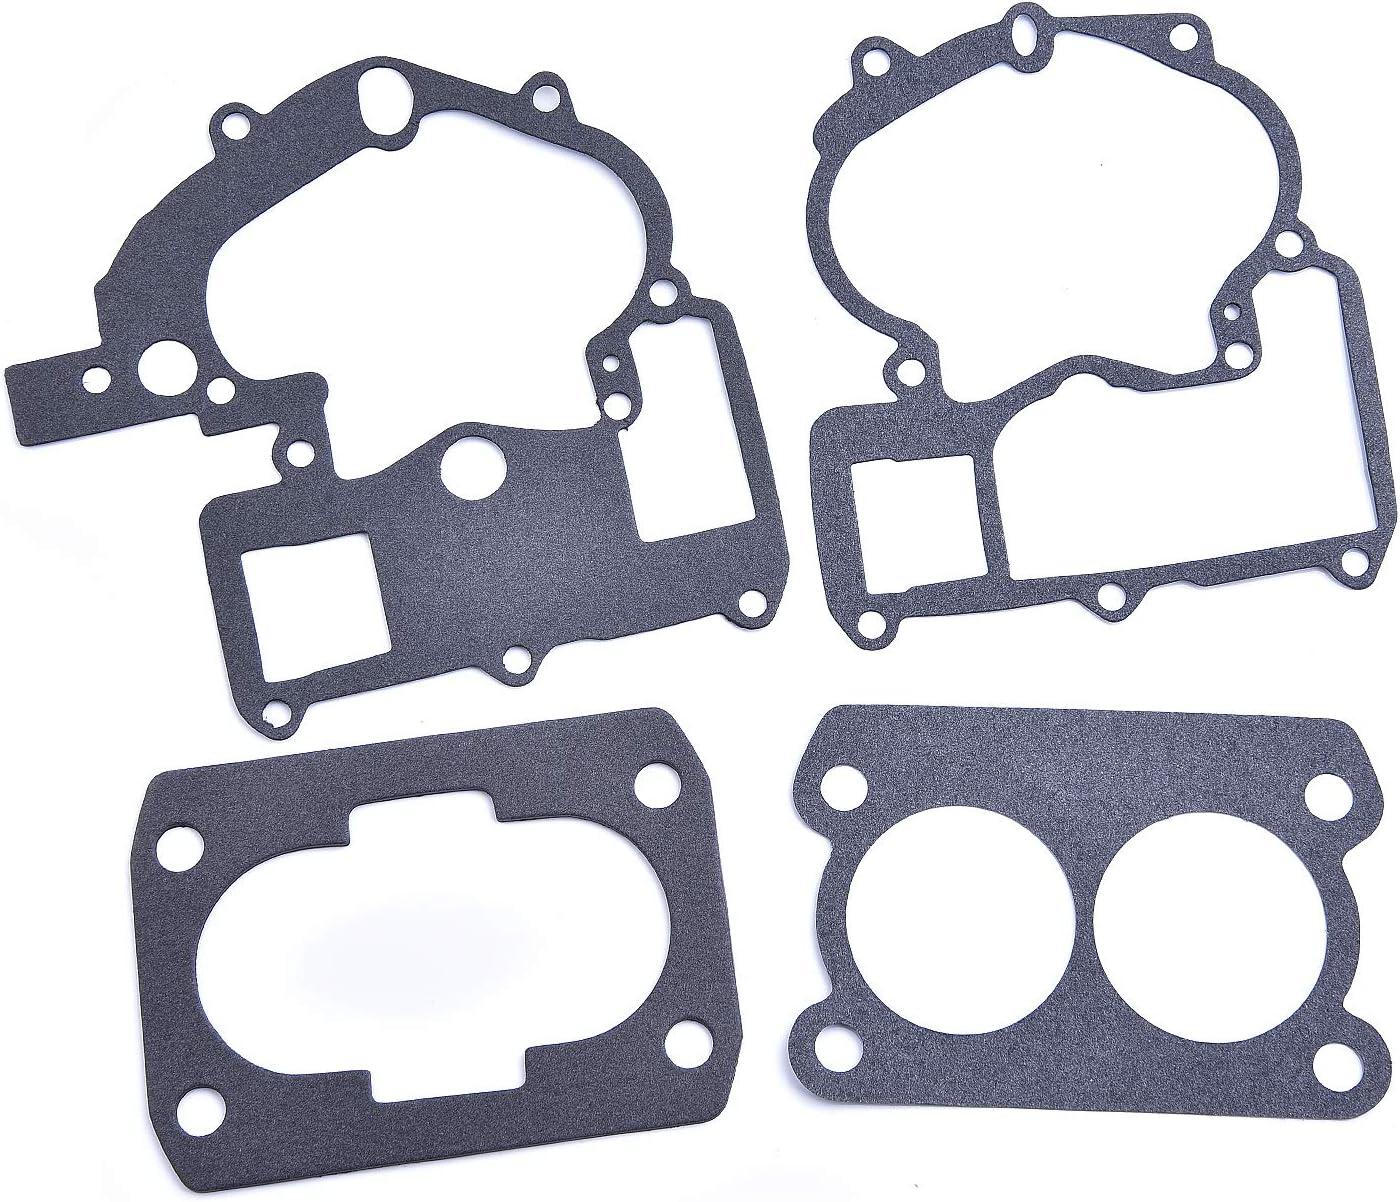 Wingsmotor Kit de r/éparation de carburateur pour Mercruiser 3.0L 4.3L 5.0L 5.7L Mercury Marine